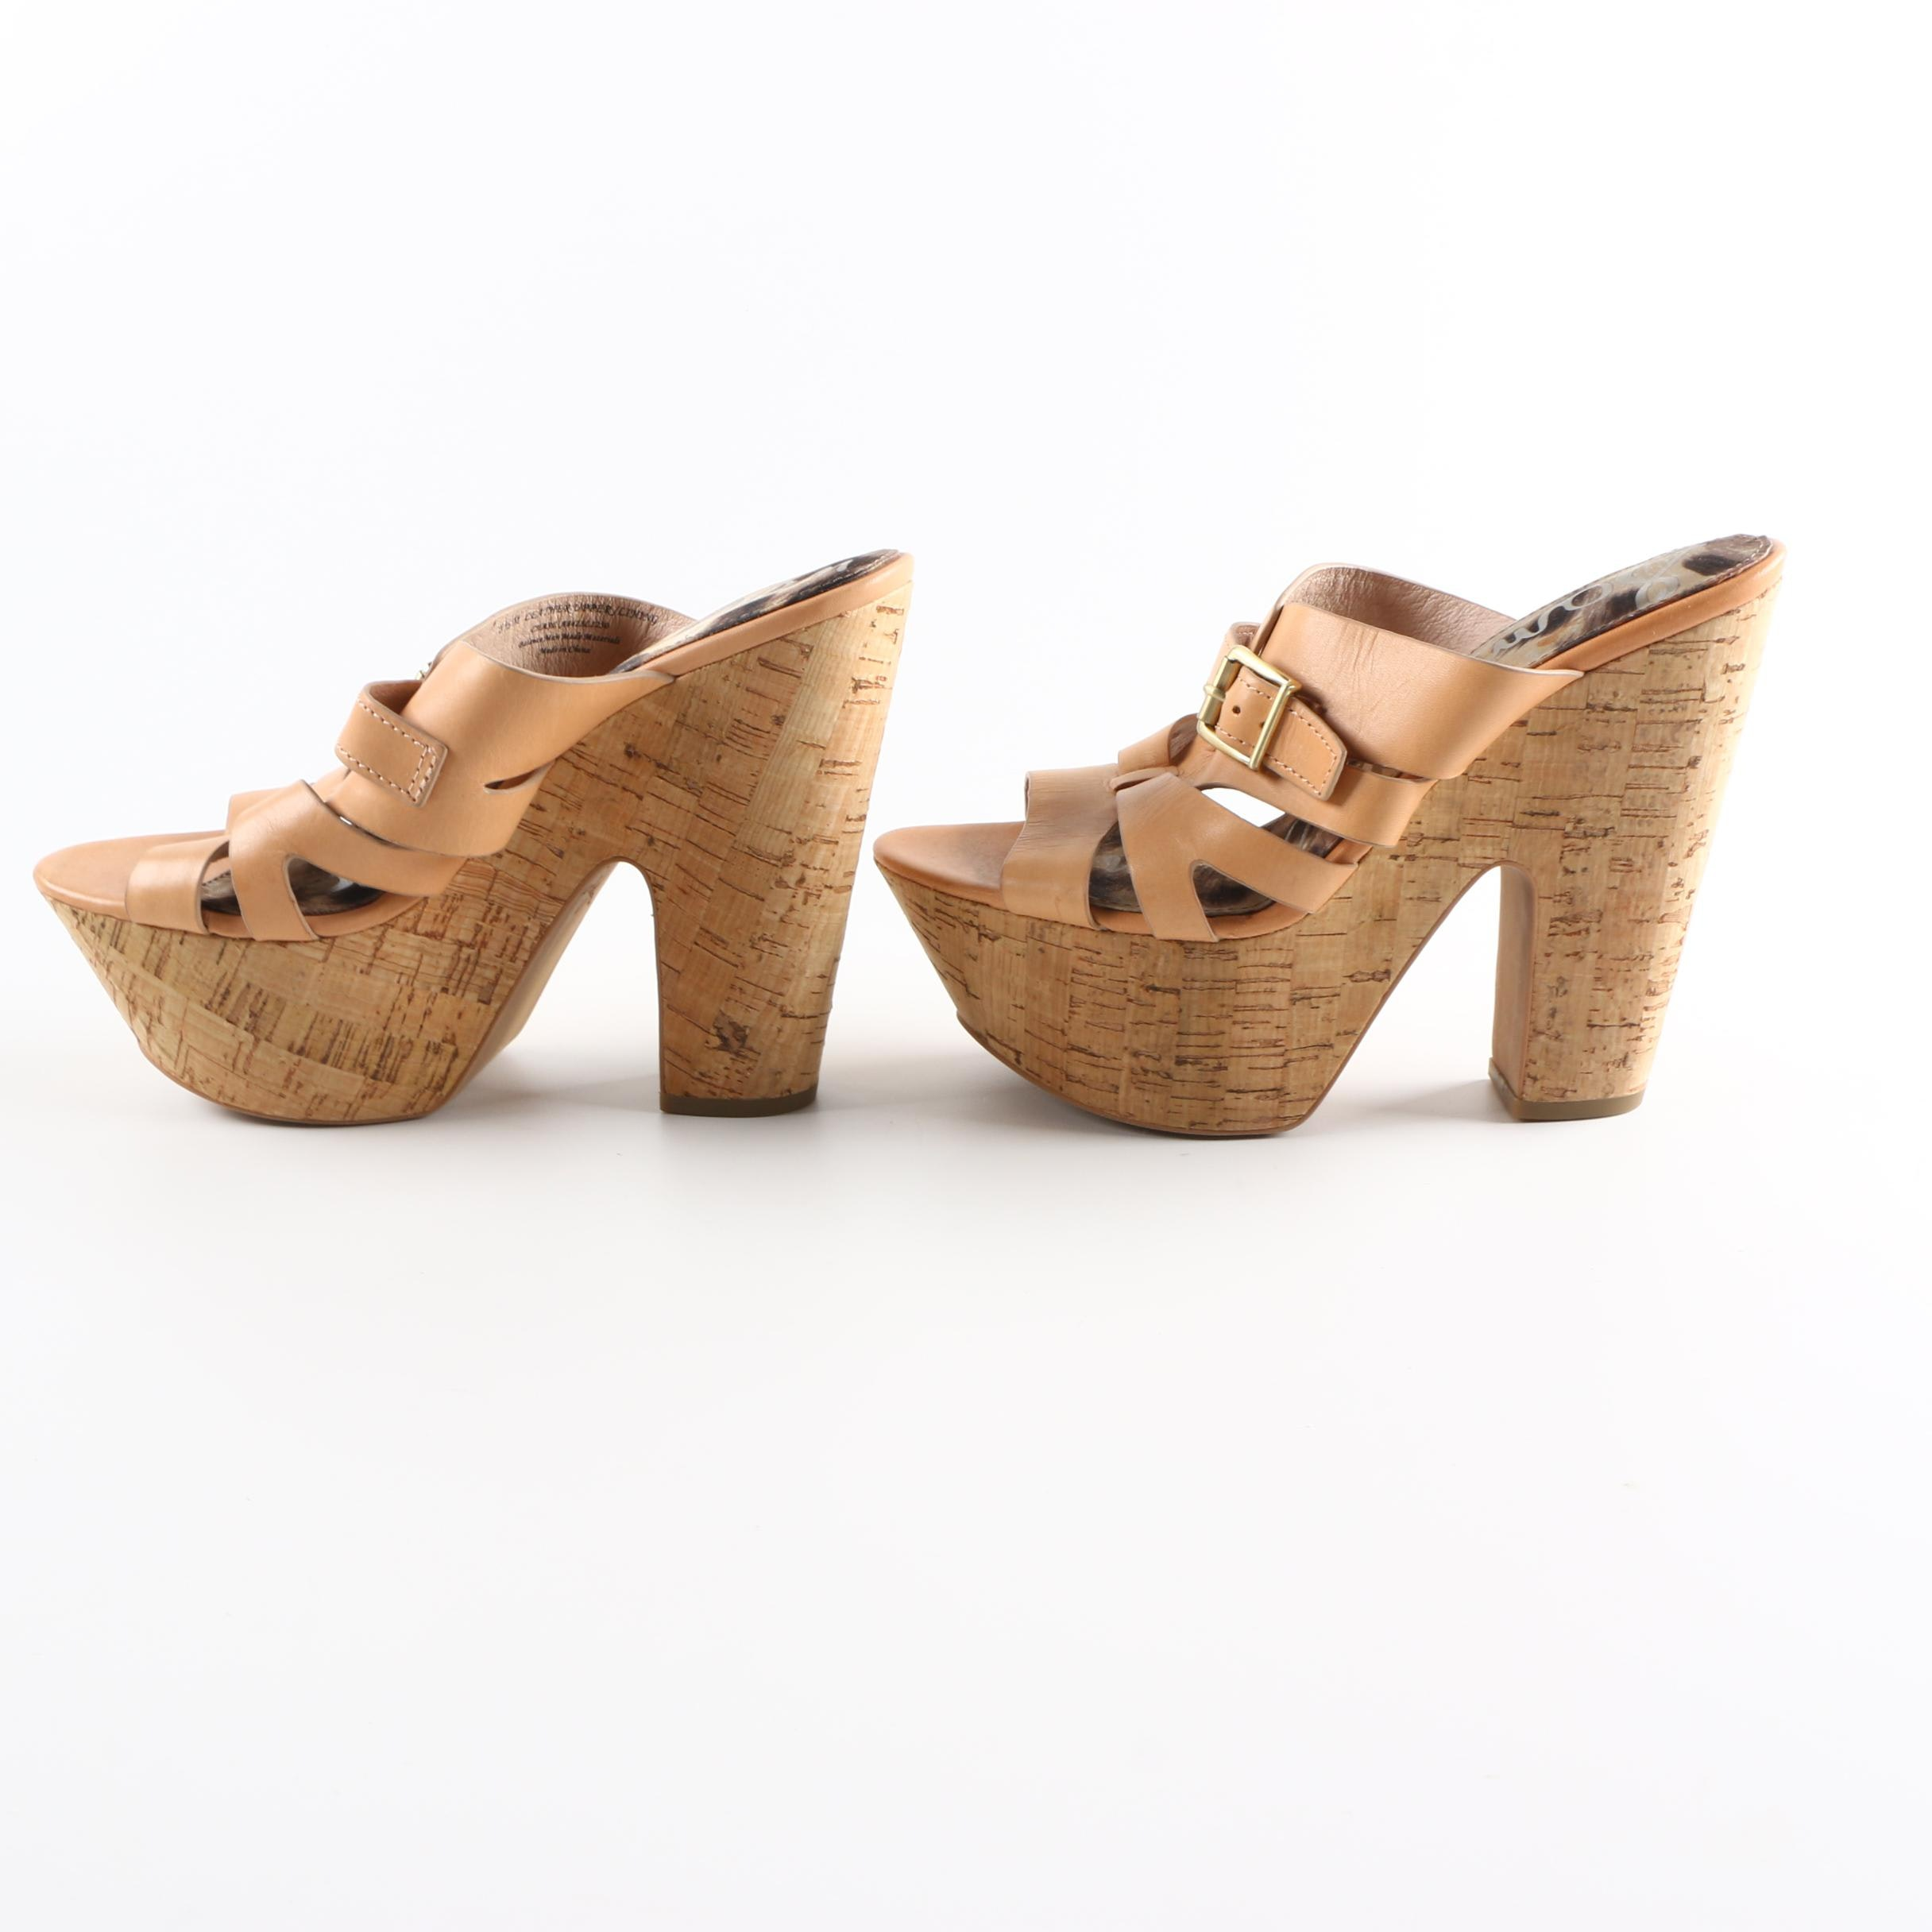 Sam Edelman Slip-On Cork Platform High Heel Sandals